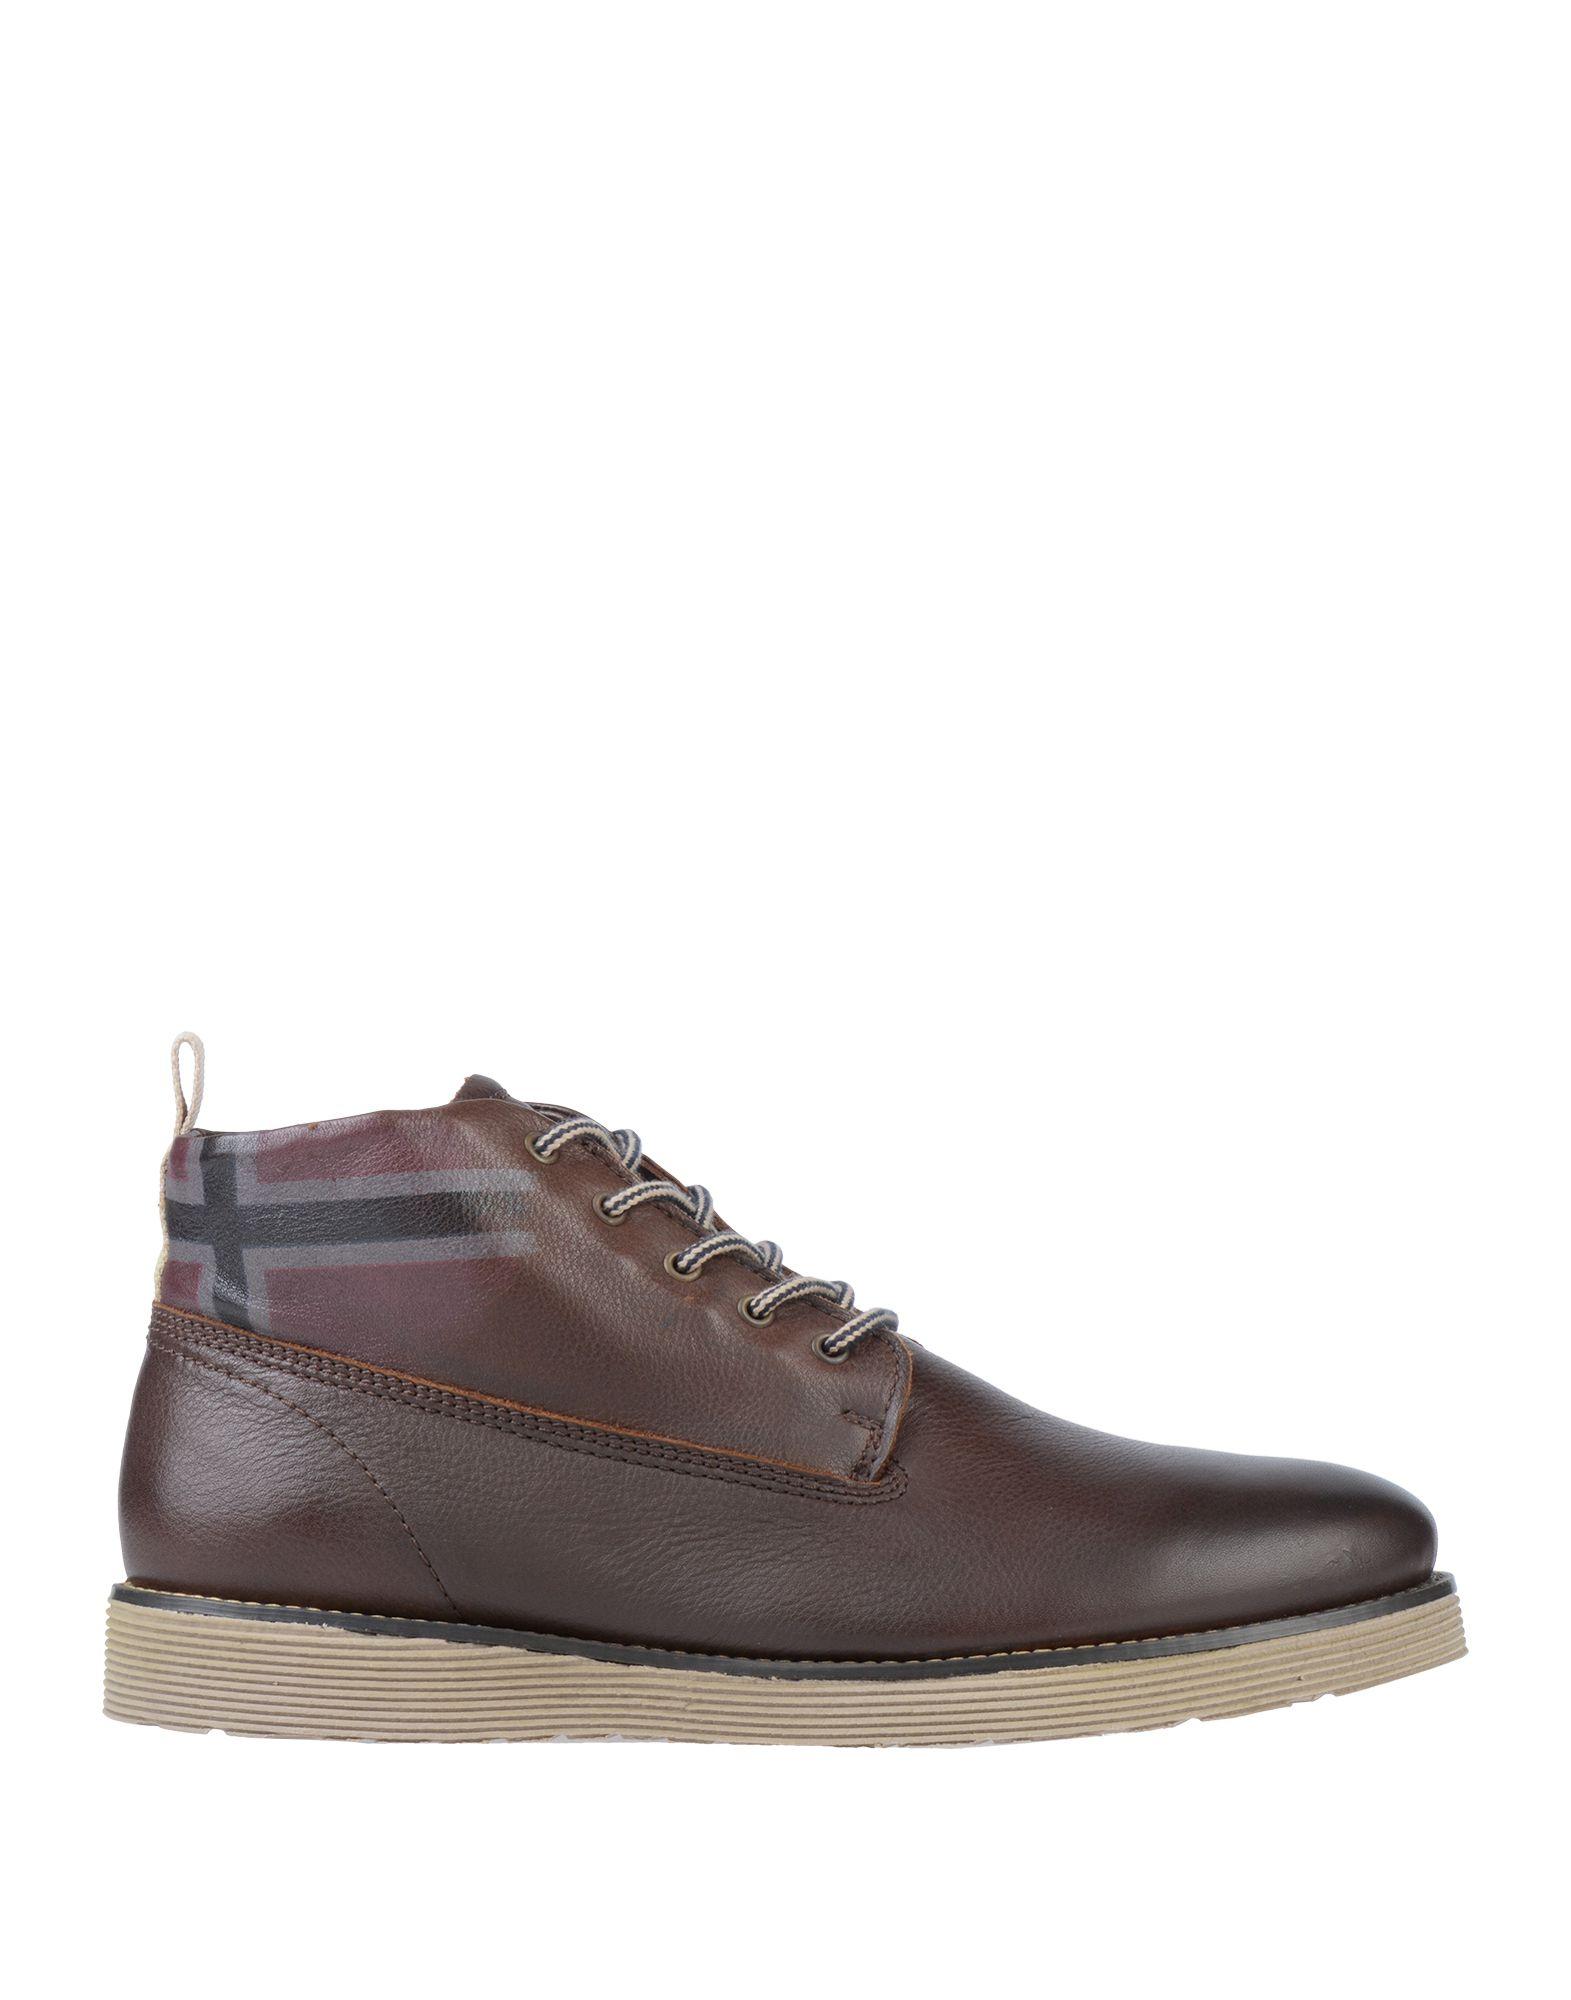 NAPAPIJRI Полусапоги и высокие ботинки napapijri ботинки мужские